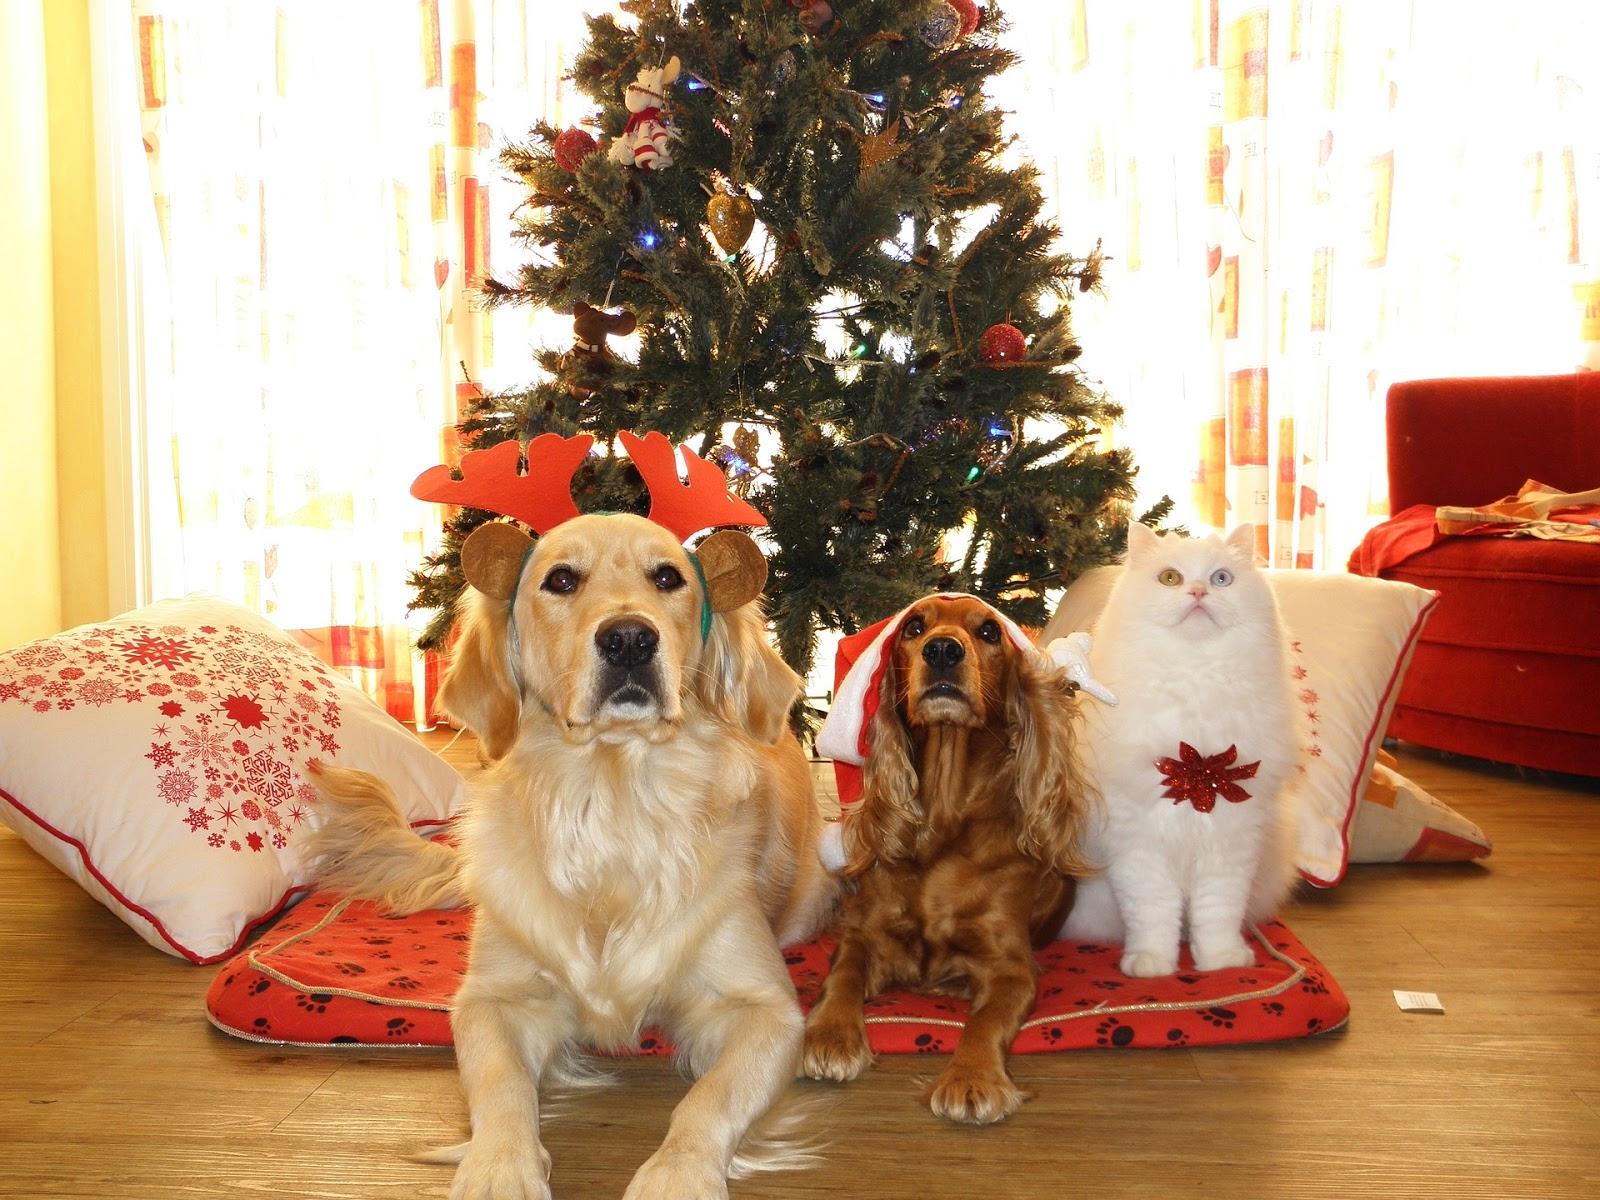 Weihnachtsgeschenke für Hunde: Ideen, die Spaß machen und gut sind ...